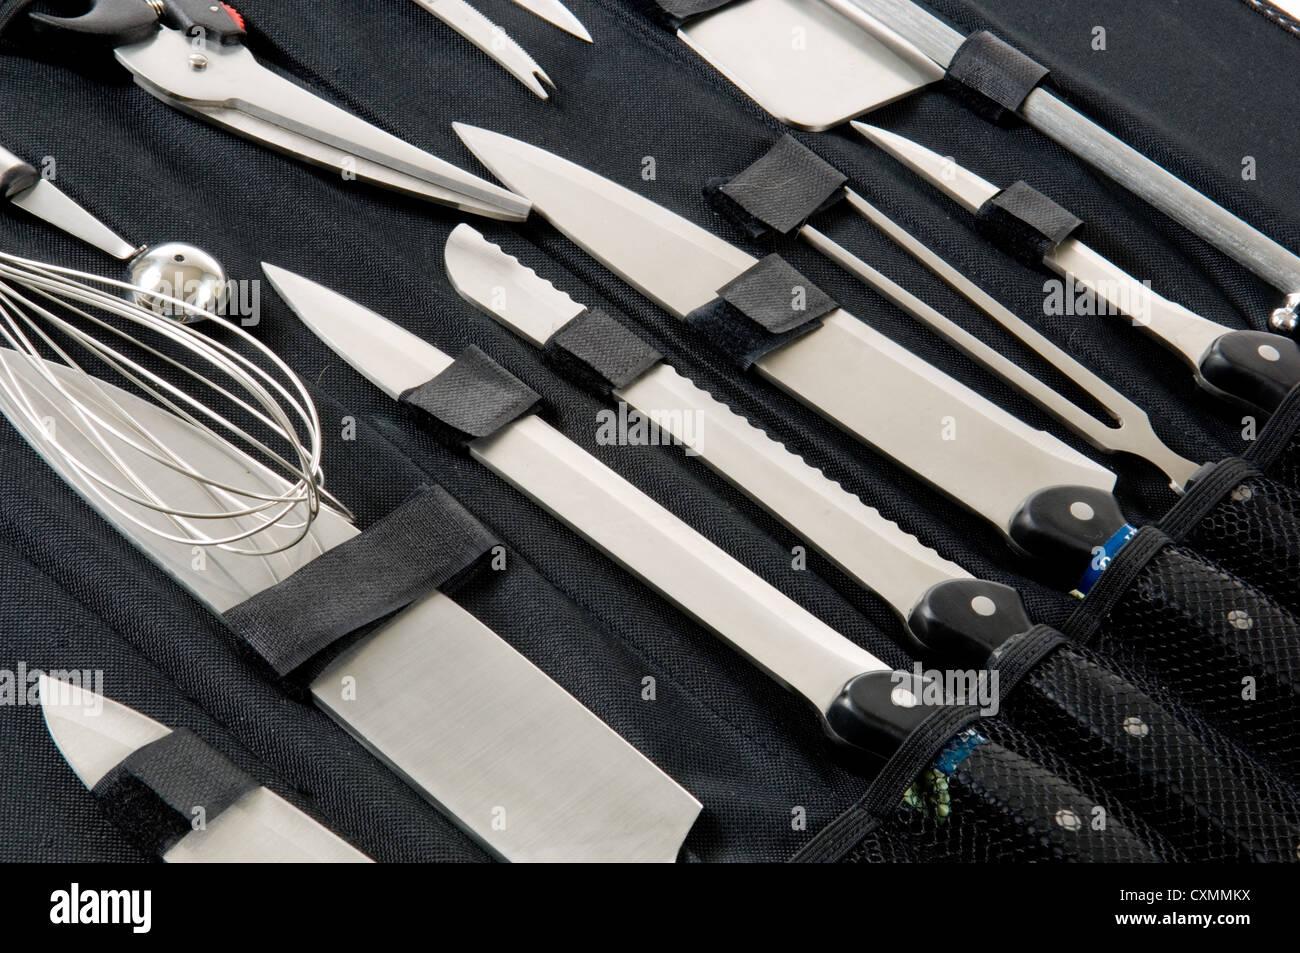 Profi Köche Köche Messer Set Im Schwarzen Koffer Auf Weißem